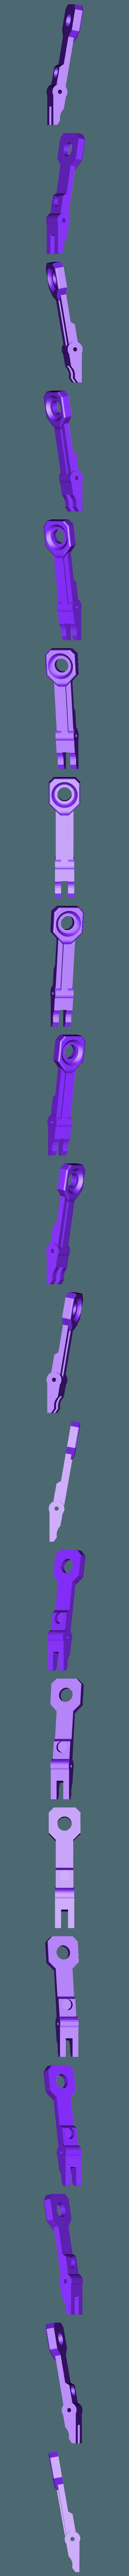 DMAG_MAGWELL_T_L_PART_v4.stl Télécharger fichier STL gratuit MCS DMAG Helix Universal Magazine high High • Plan à imprimer en 3D, UntangleART